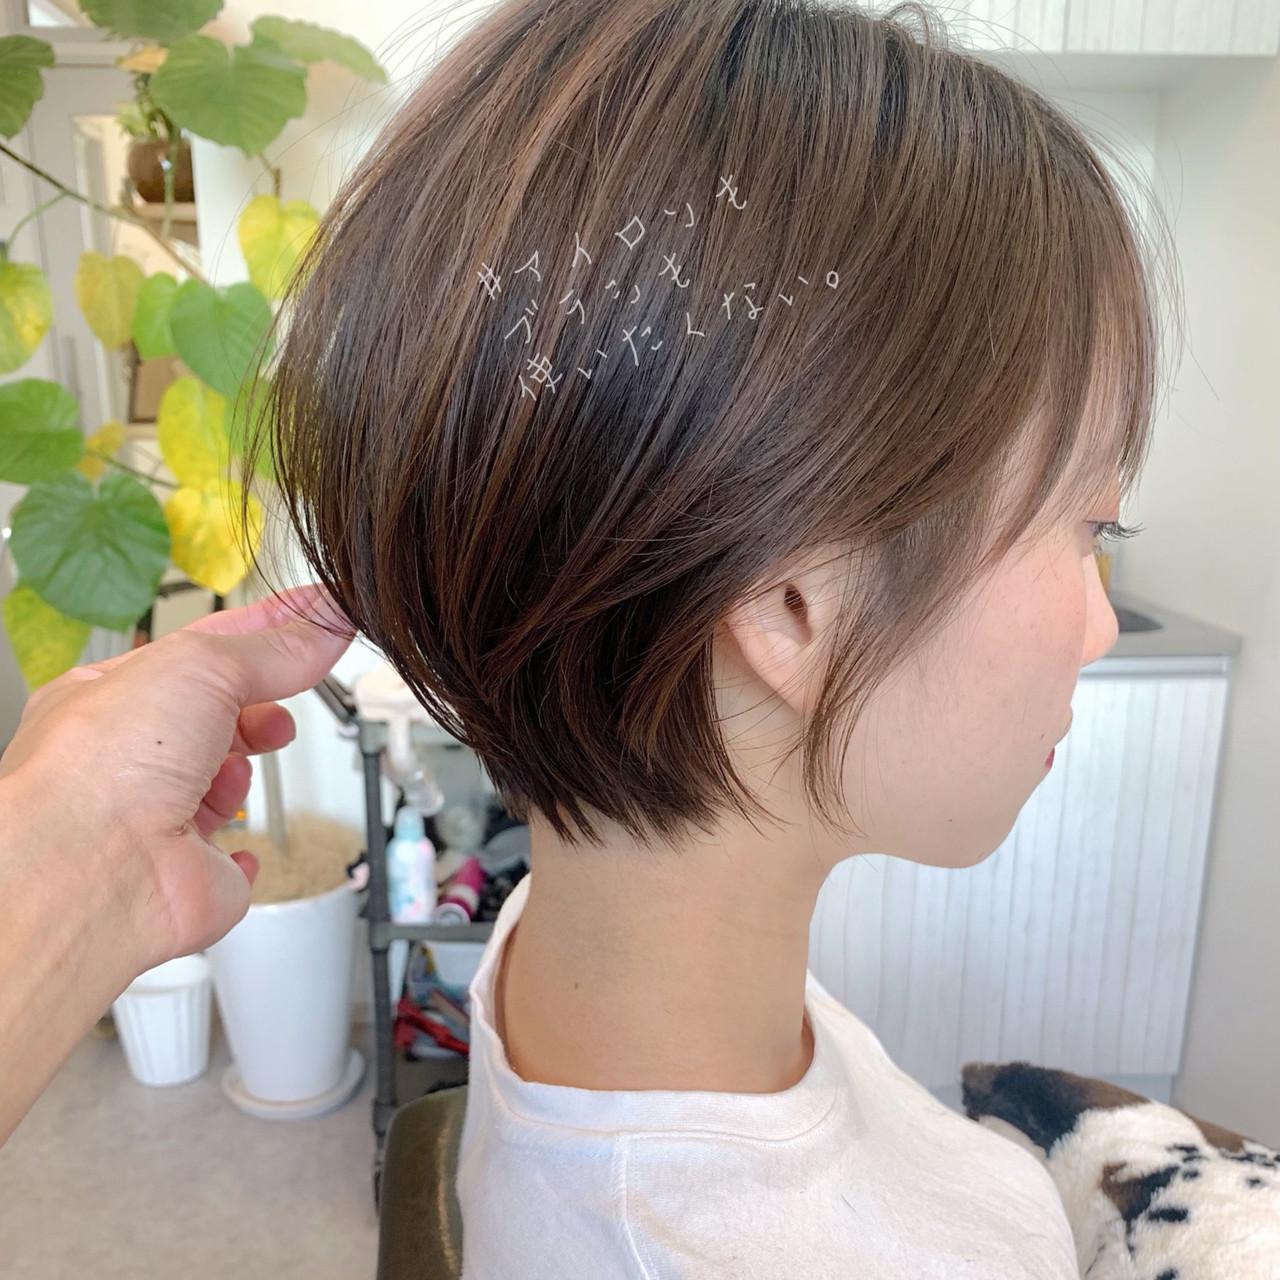 簡単ヘアアレンジ オフィス ショート アウトドア ヘアスタイルや髪型の写真・画像 | ショートボブの匠【 山内大成 】『i.hair』 / 『 i. 』 omotesando